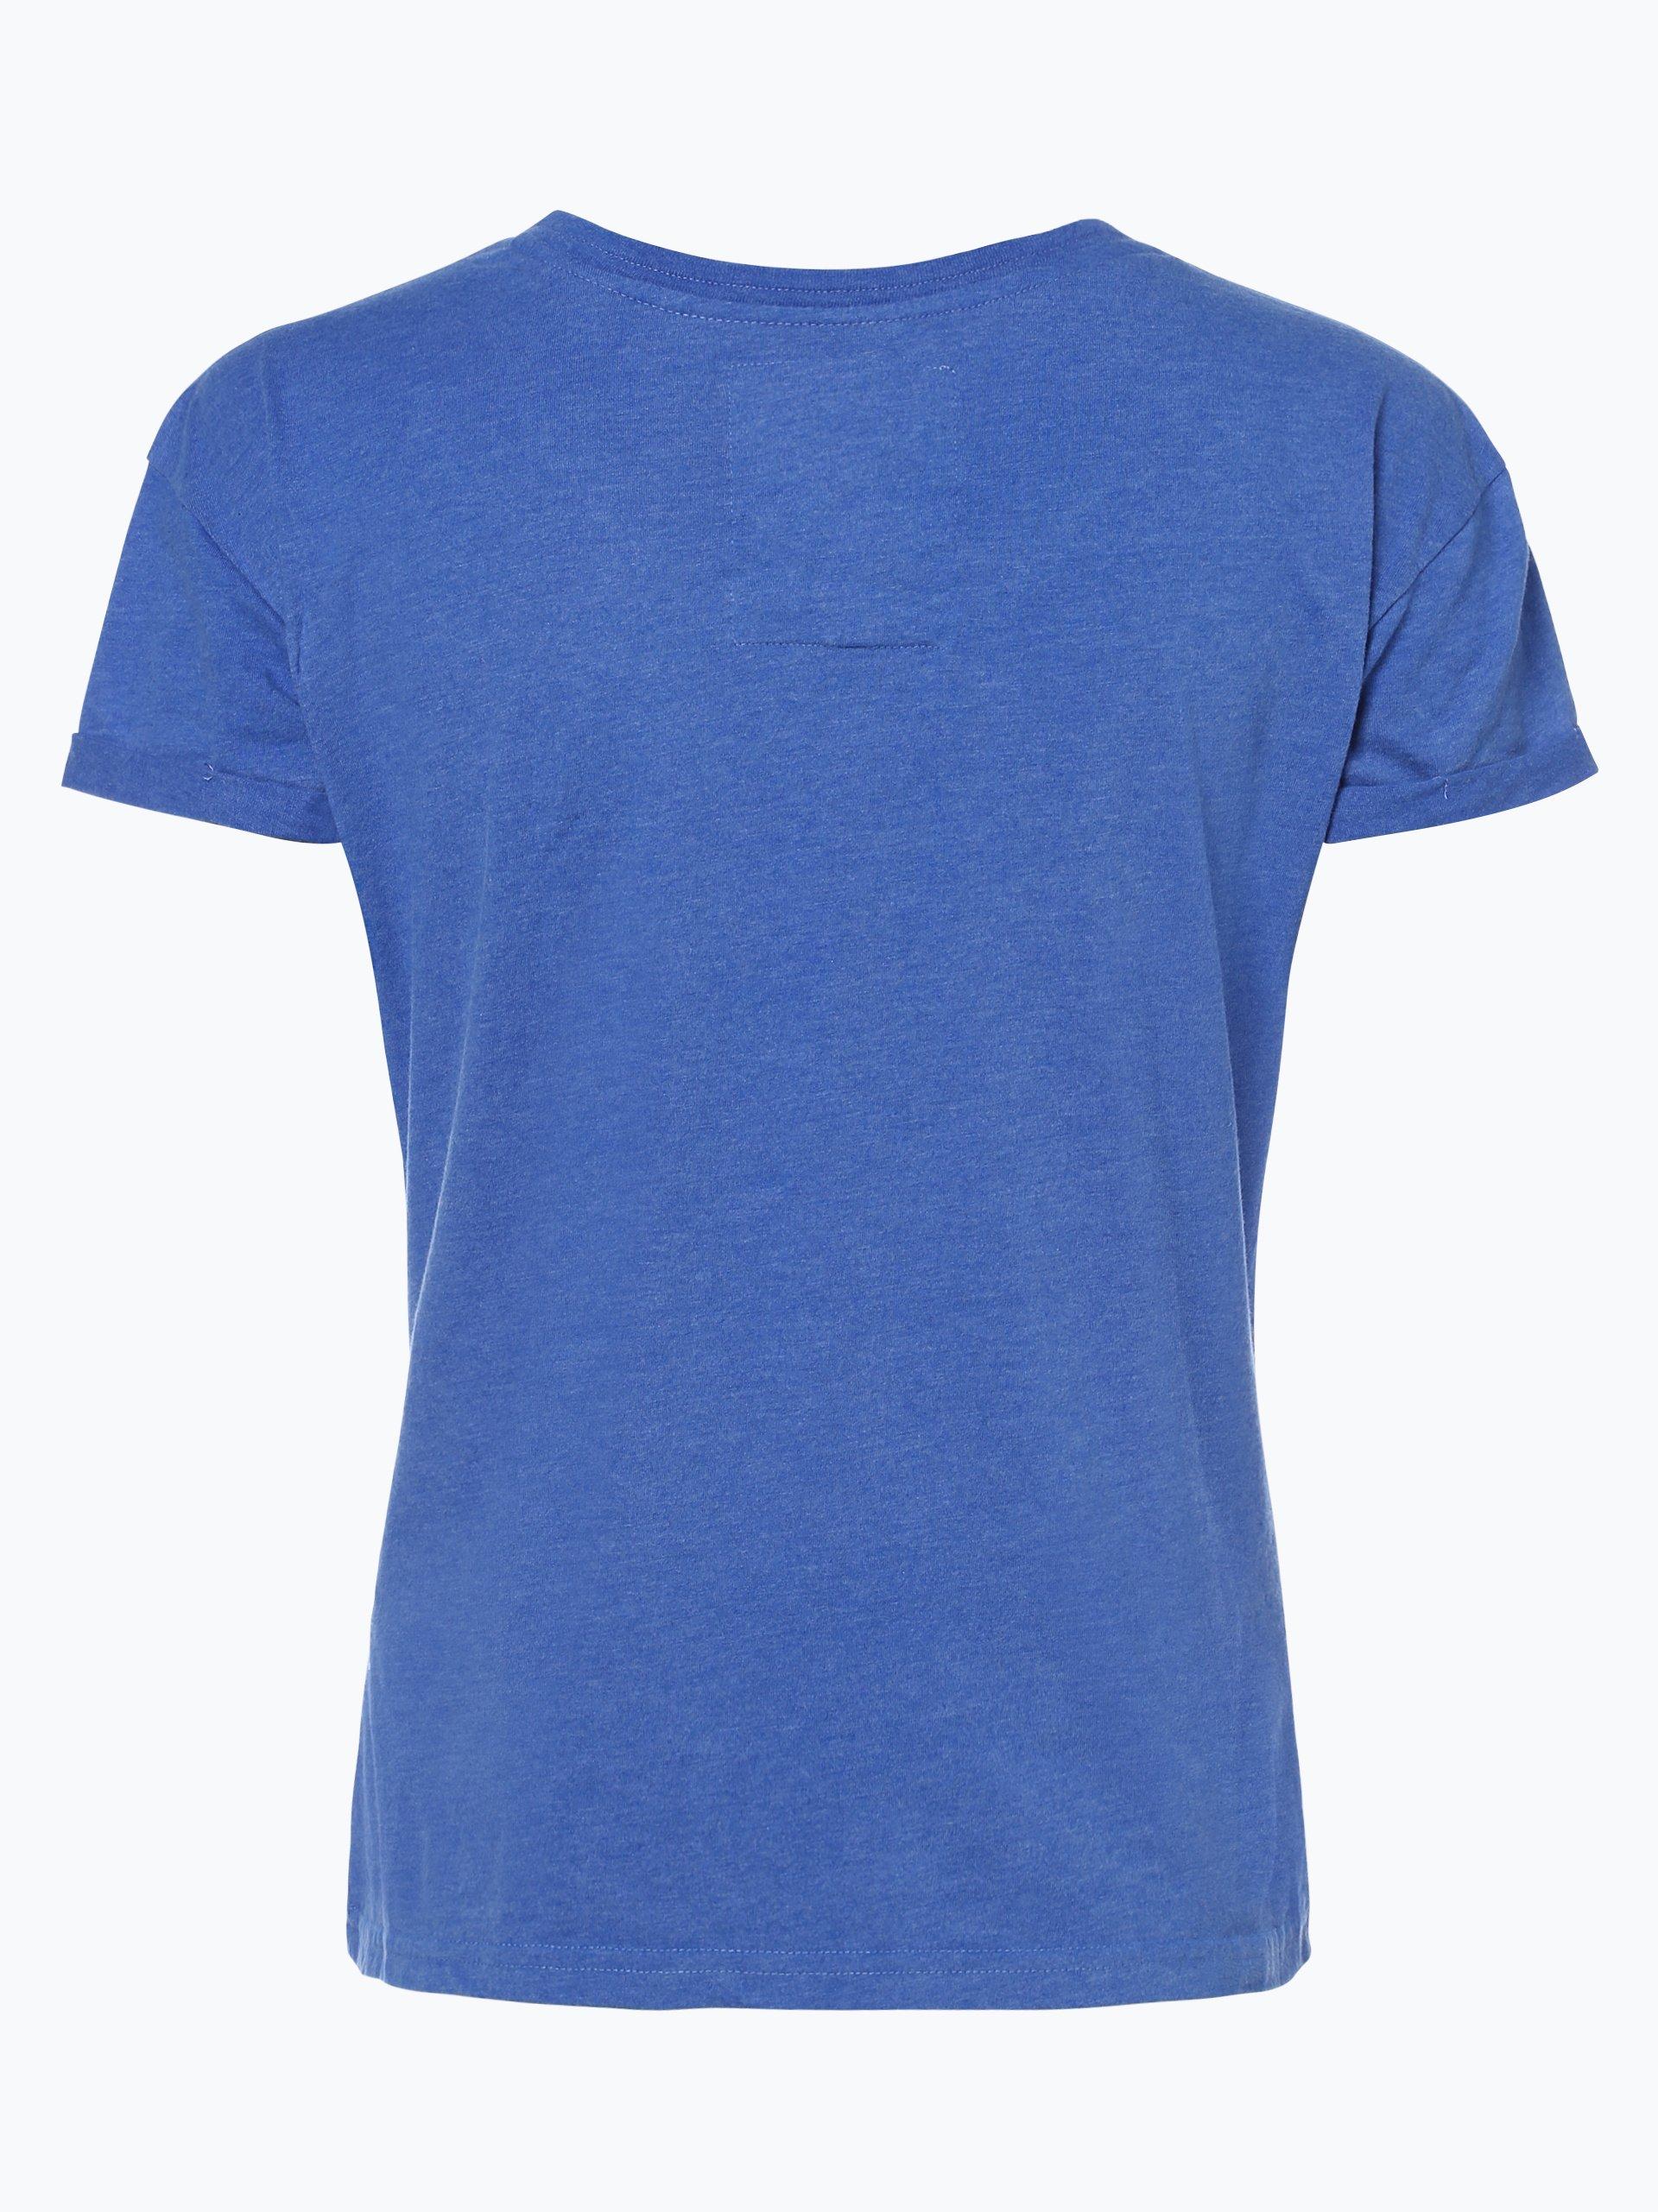 superdry damen t shirt royal uni online kaufen vangraaf com. Black Bedroom Furniture Sets. Home Design Ideas